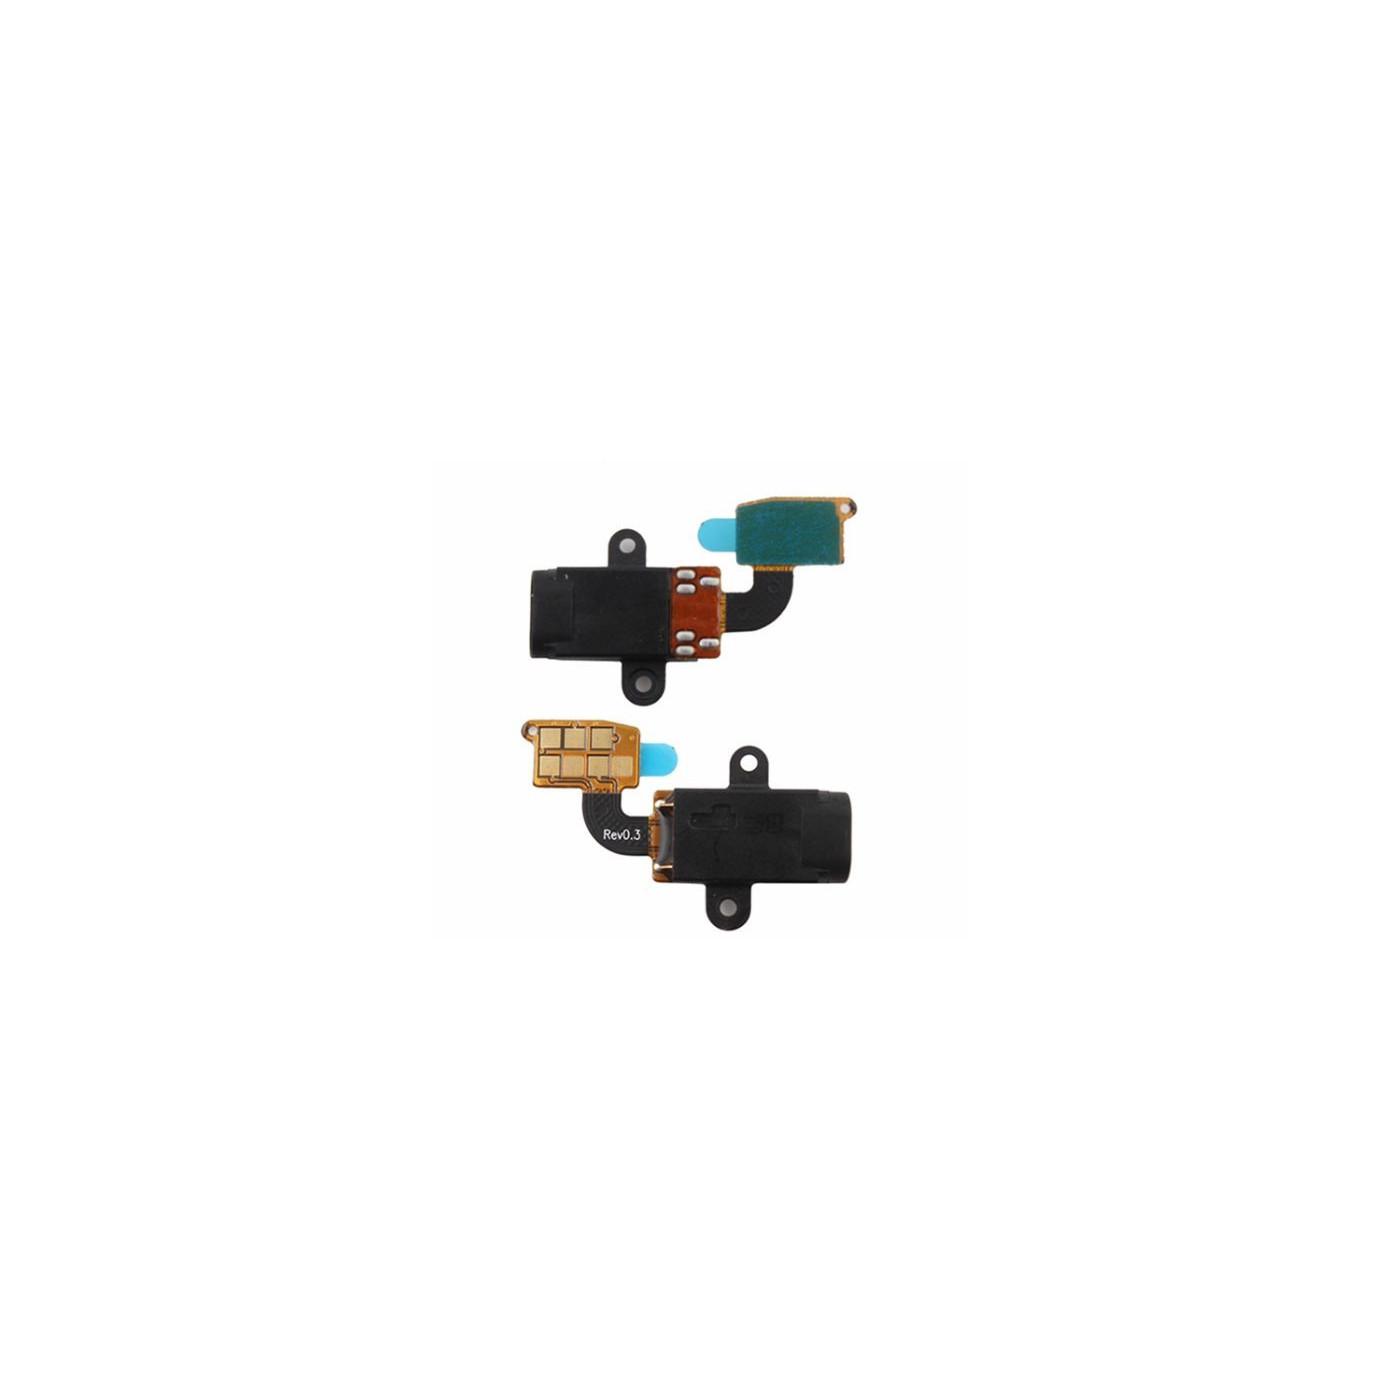 Remplacement du connecteur du casque jack jack pour Samsung Galaxy S5 G900